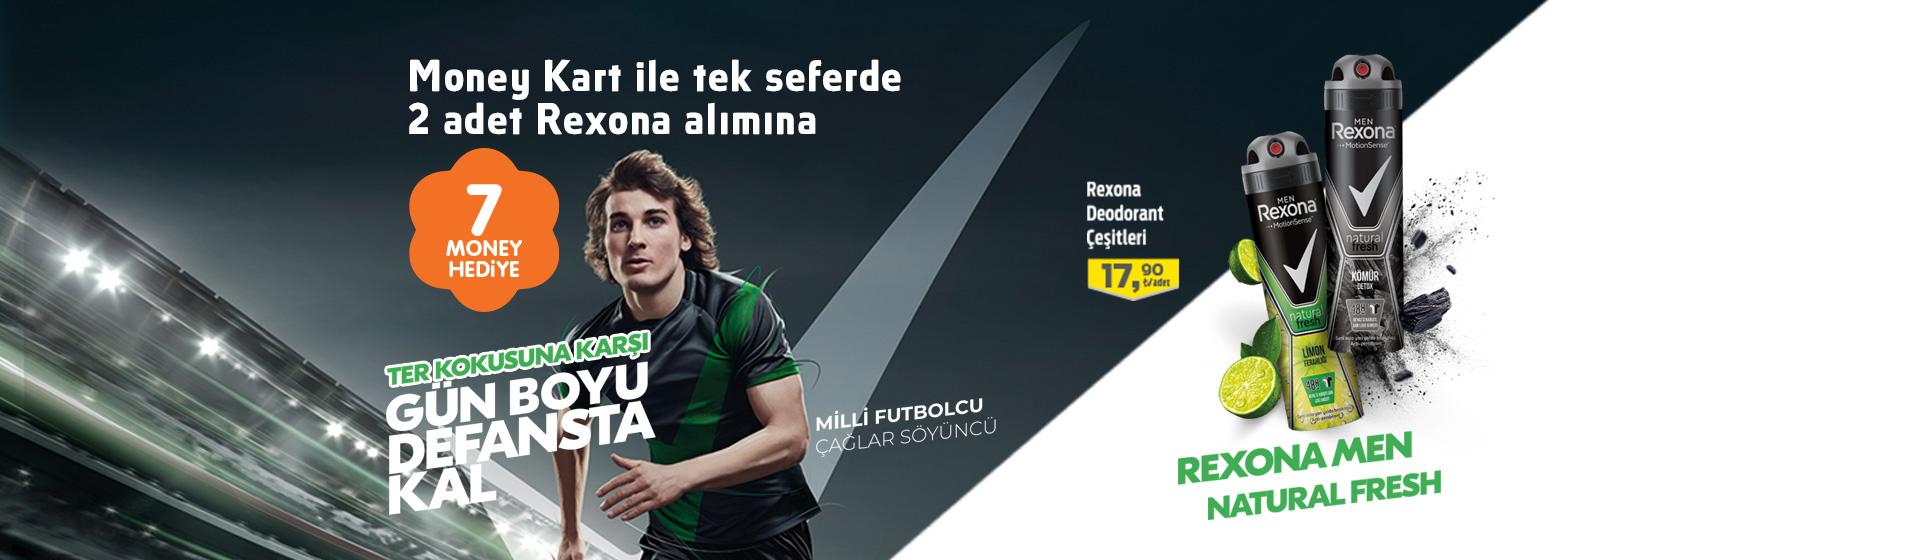 Rexona Men Money Kampanyası